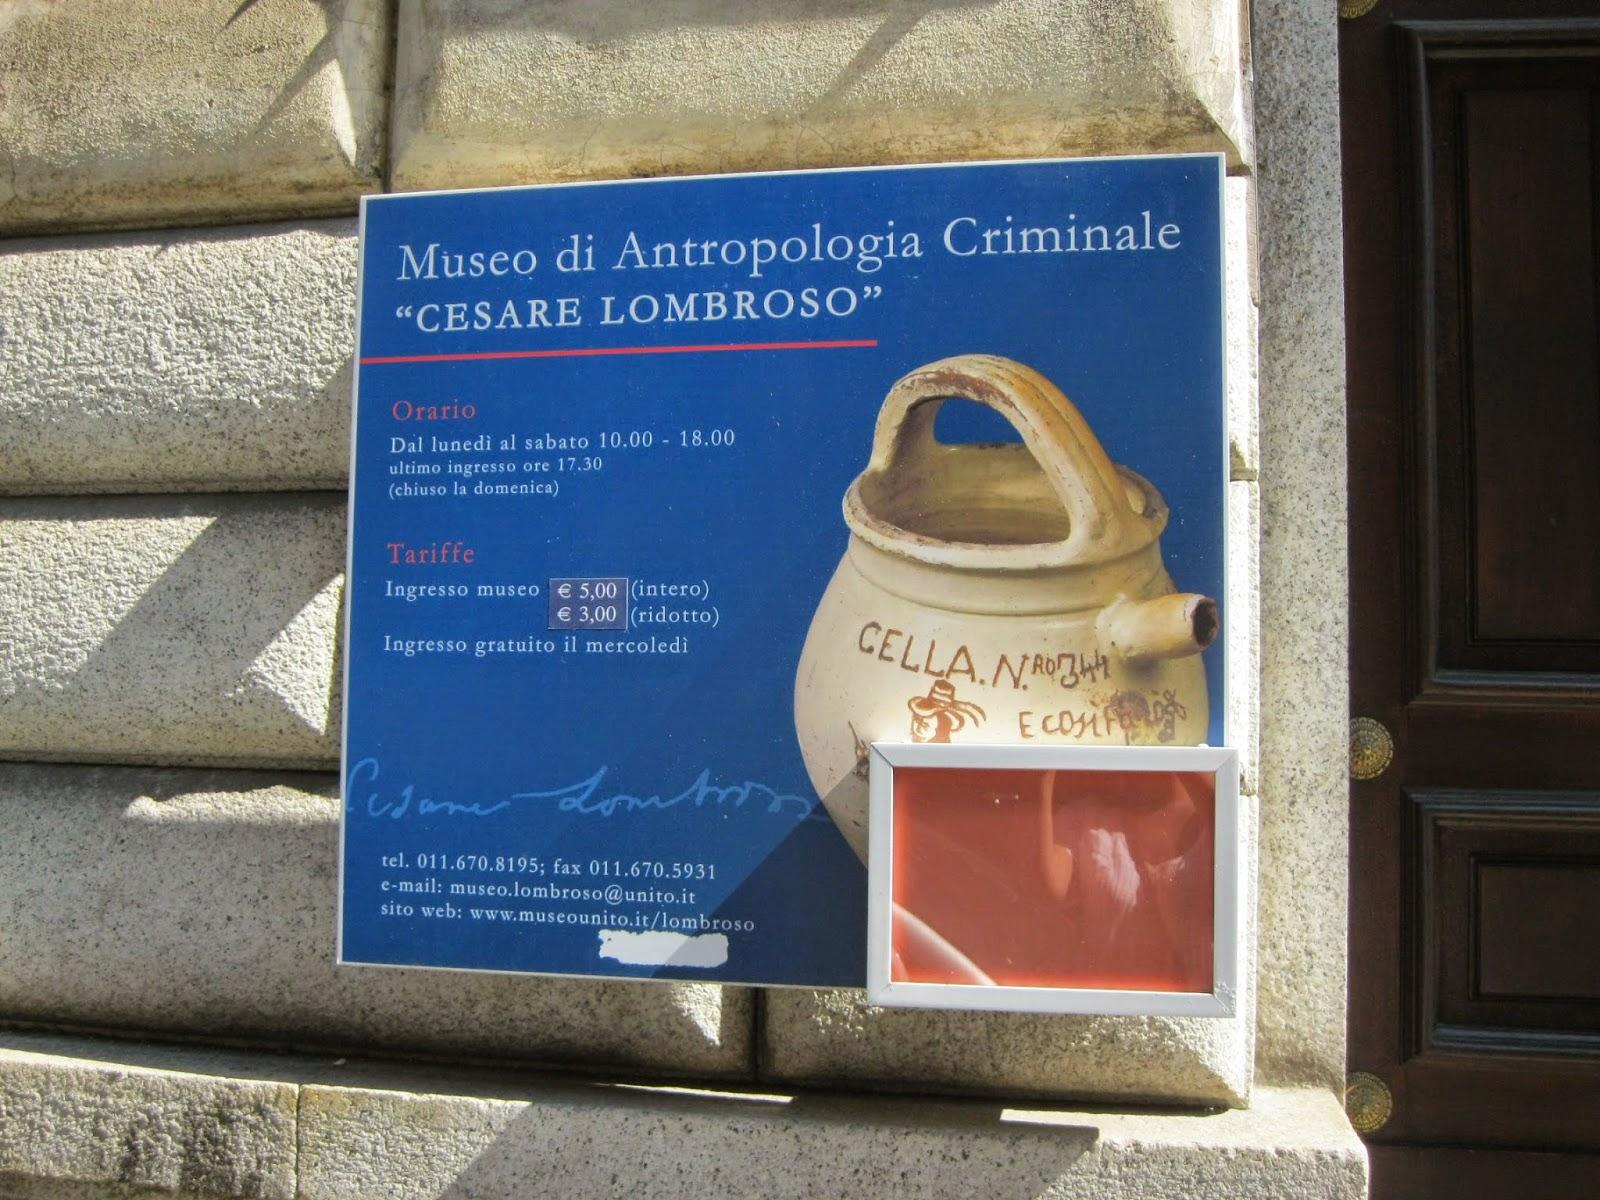 La Credenza Torino Tripadvisor : Olinews oli cultura perché tripadvisor boccia il museo